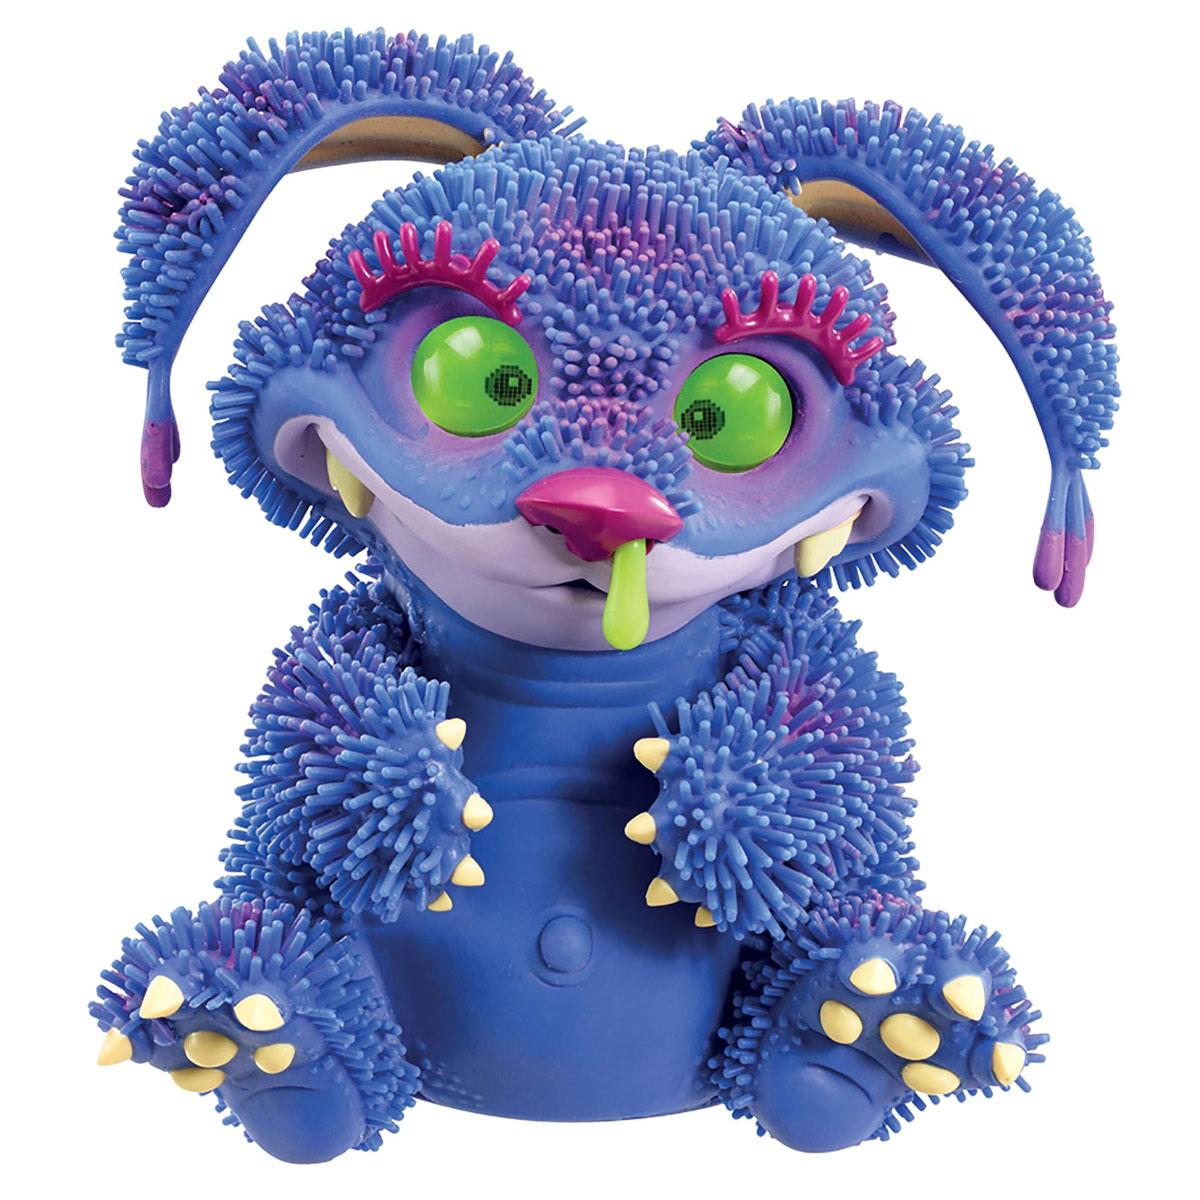 Giochi Preziosi Интерактивная игрушка Монстр Xeno цвет синий1170431_синийАнимированная игрушка Монстр Xeno непременно приведет в восторг вашего малыша. Приятная на ощупь игрушка выполнена в виде очаровательного монстрика с большими пластиковыми глазками. Игрушка замечательно поет и танцует, или может ворчать и поскуливать. Монстрик любит поглаживание лапок, животика, головы и ушей, любит поесть, иногда даже без меры. А еще он может иногда расстроиться и заболеть... Проявляет огромное количество эмоций - 50 разных оттенков можно увидеть в глазах Xeno. По всему телу игрушки расположены датчики, взаимодействуя с которыми, можно заставить Xeno поднимать ушки, покачиваясь, передвигаться на лапах, совершать движения головой, открыть и закрыть рот. Если Xeno будет не один, и рядом поставить других монстриков, они будут общаться на собственном смешном языке, шутить и петь песенки. Xeno наделен собственным приложением для Android, Android. Его загрузку на свой планшет или телефон вы произведете бесплатно. Используя его, вы будете кормить...